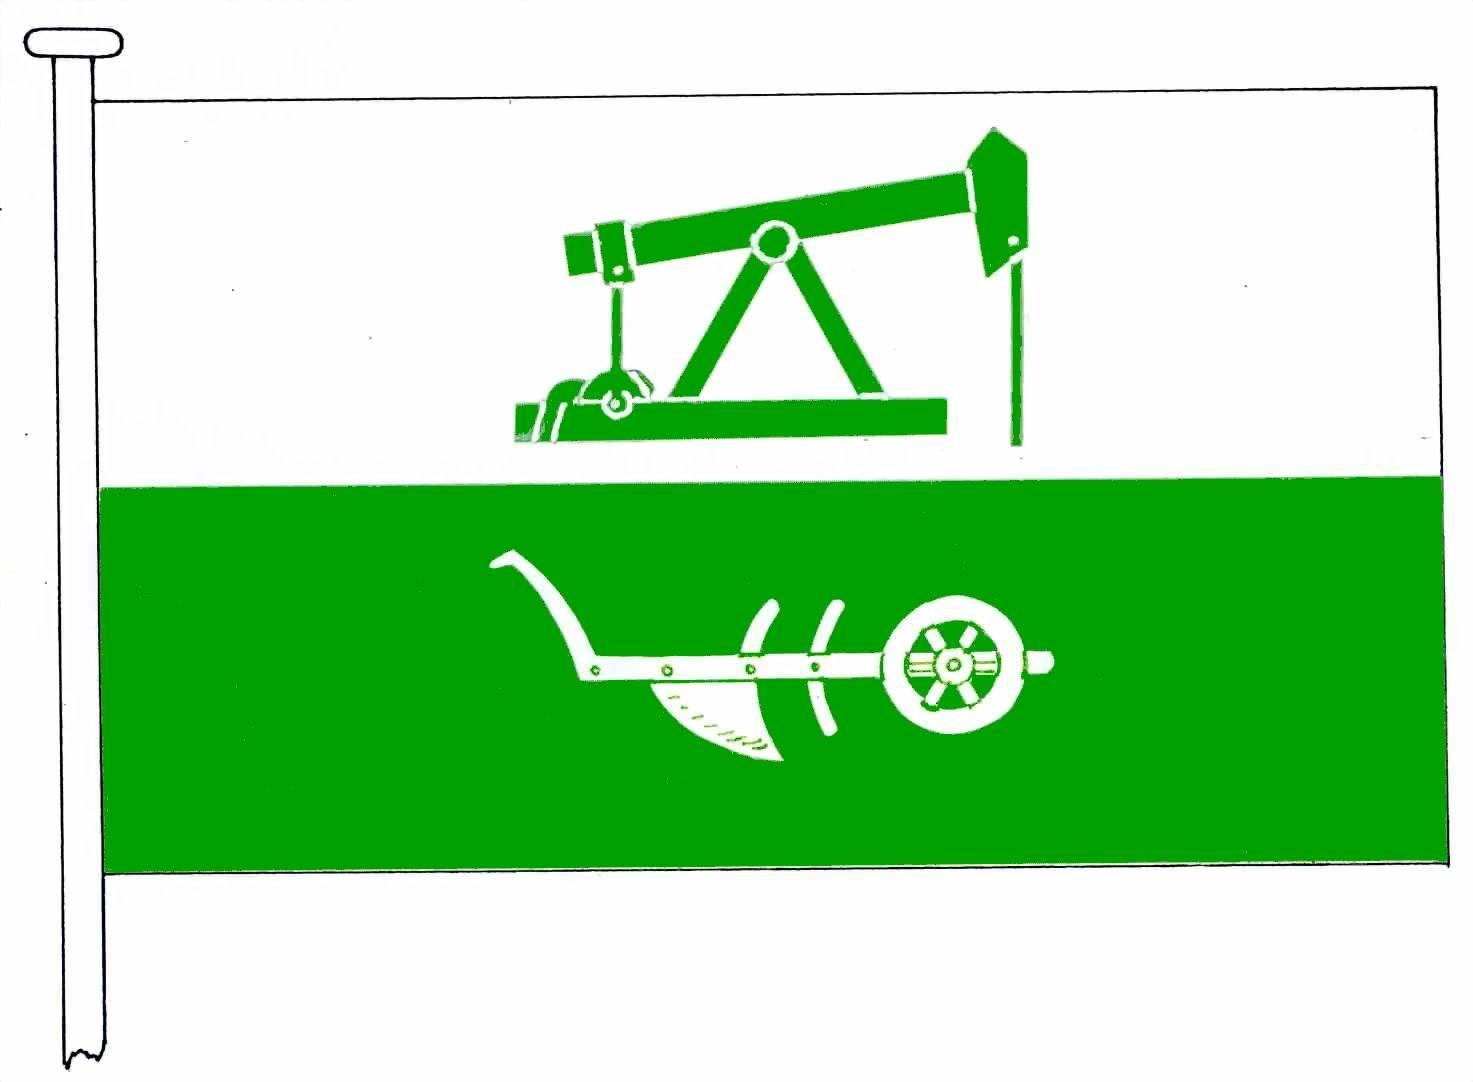 Flagge GemeindeLieth, Kreis Dithmarschen